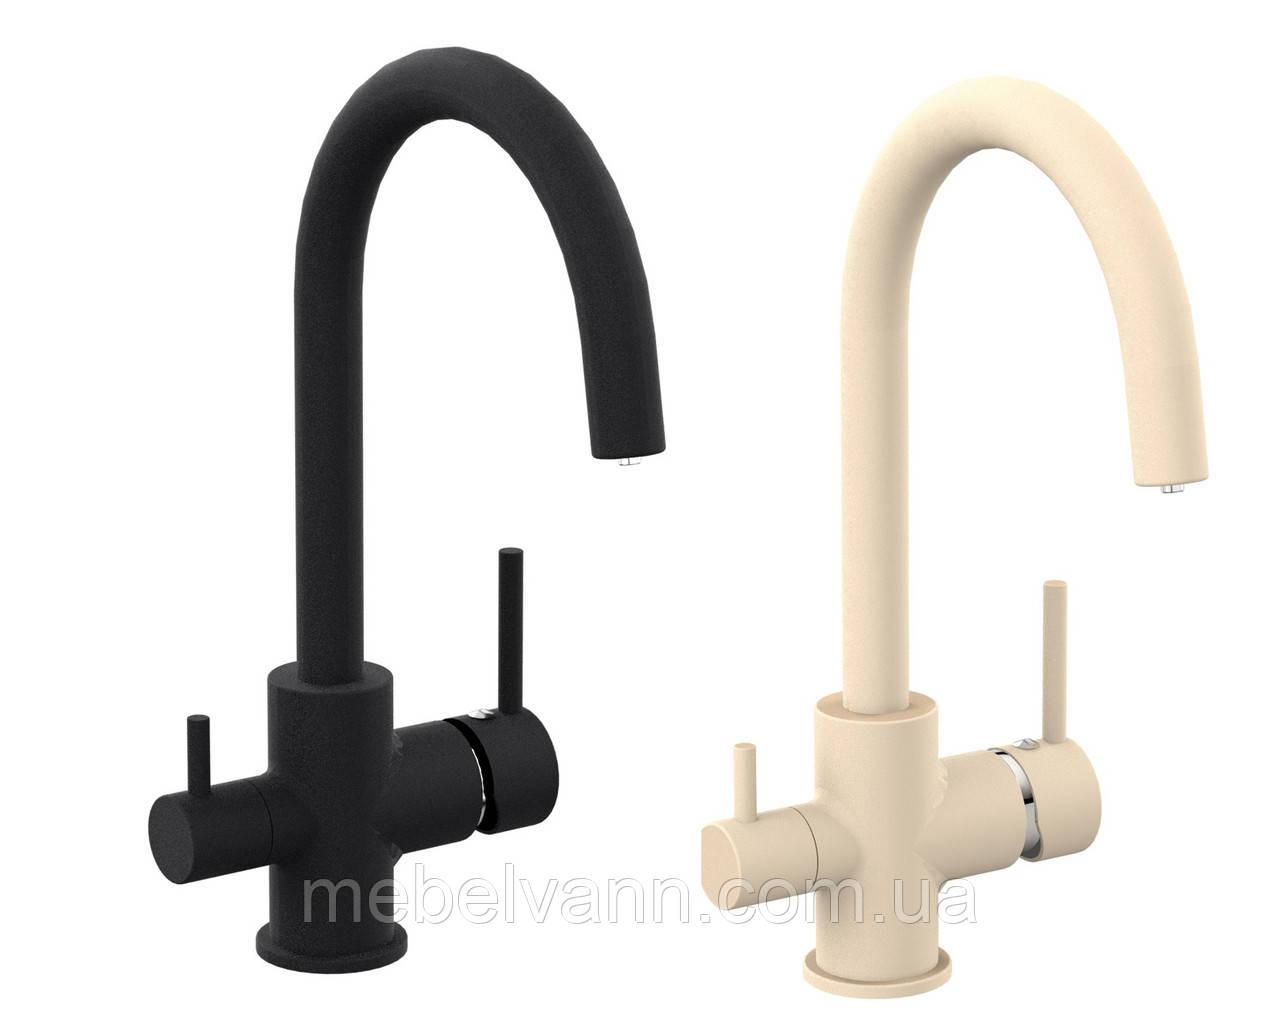 DAICY смеситель для кухни на две воды, черный/песочный, IMPRESE 55009-UB